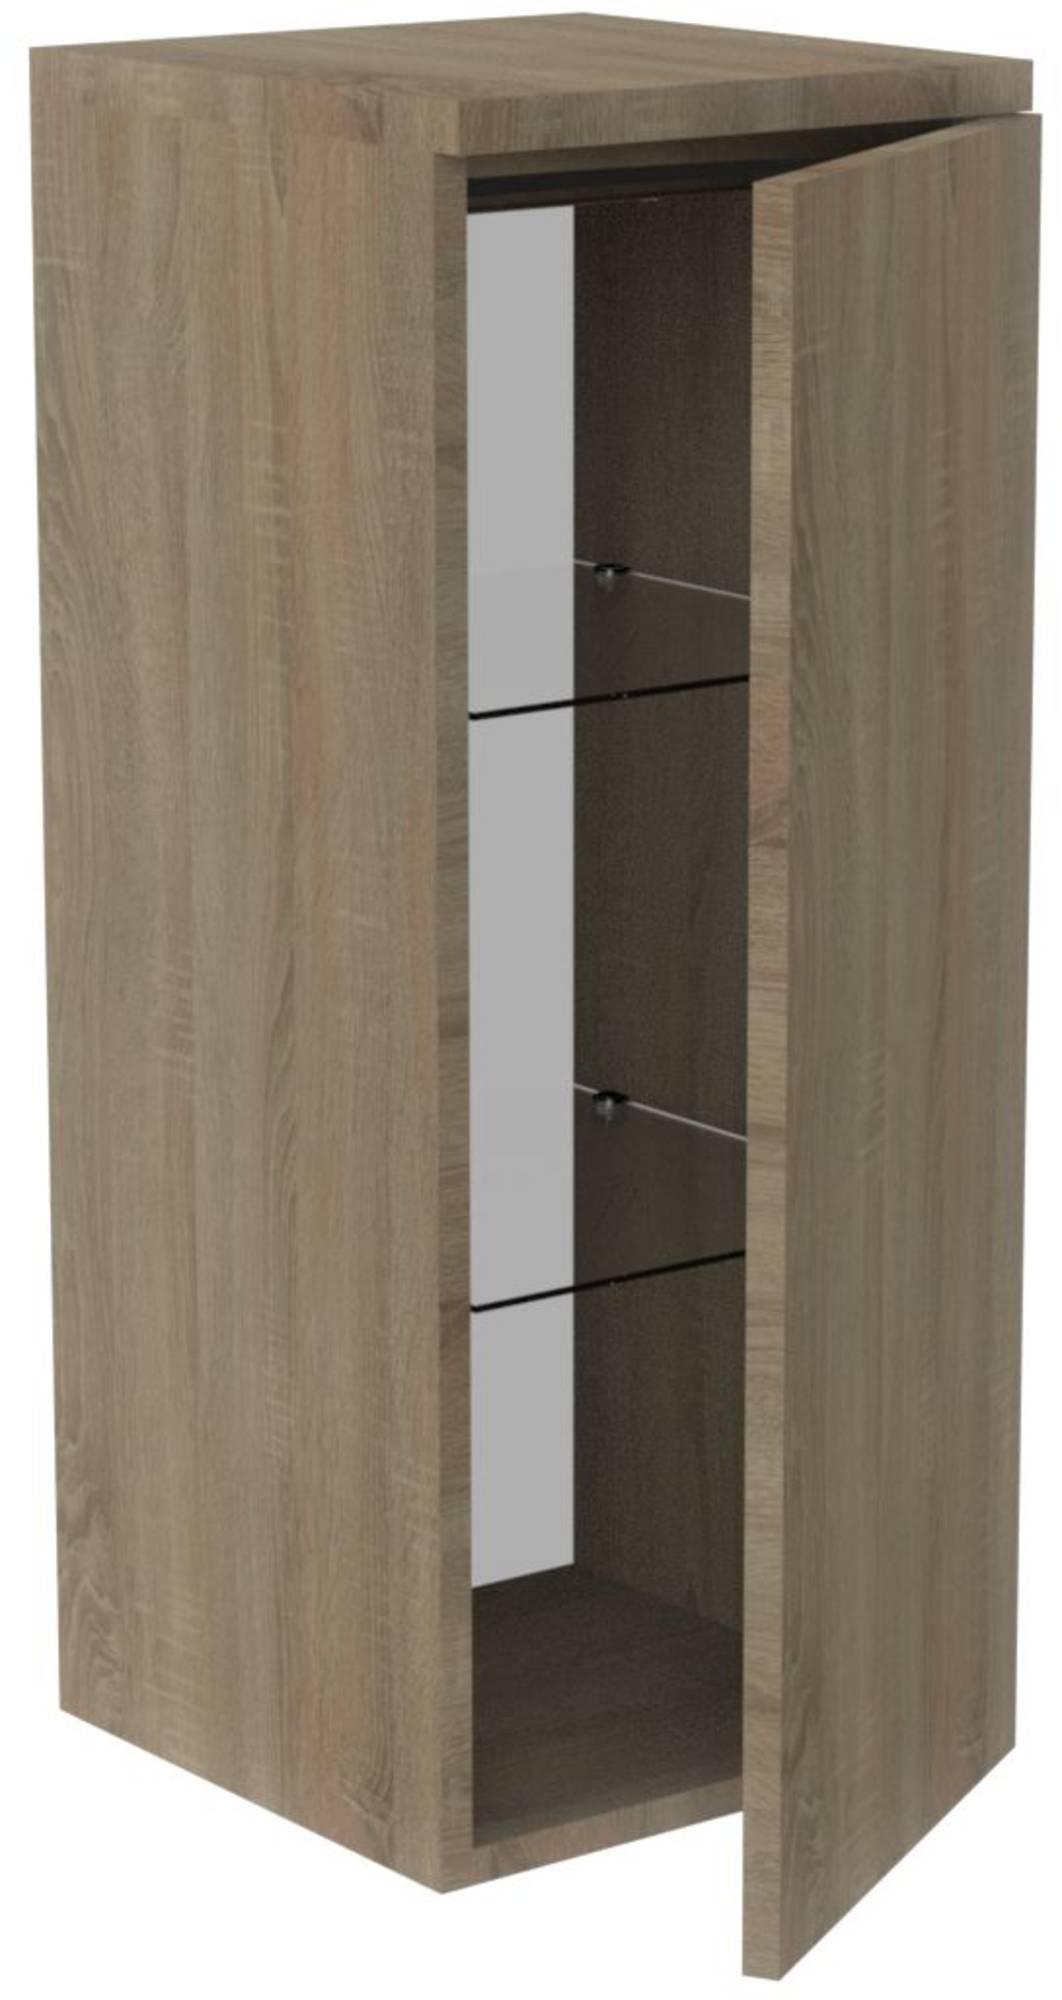 Thebalux Allure Halfhoge Kast 35x35x85 cm Zijdeglans Wit